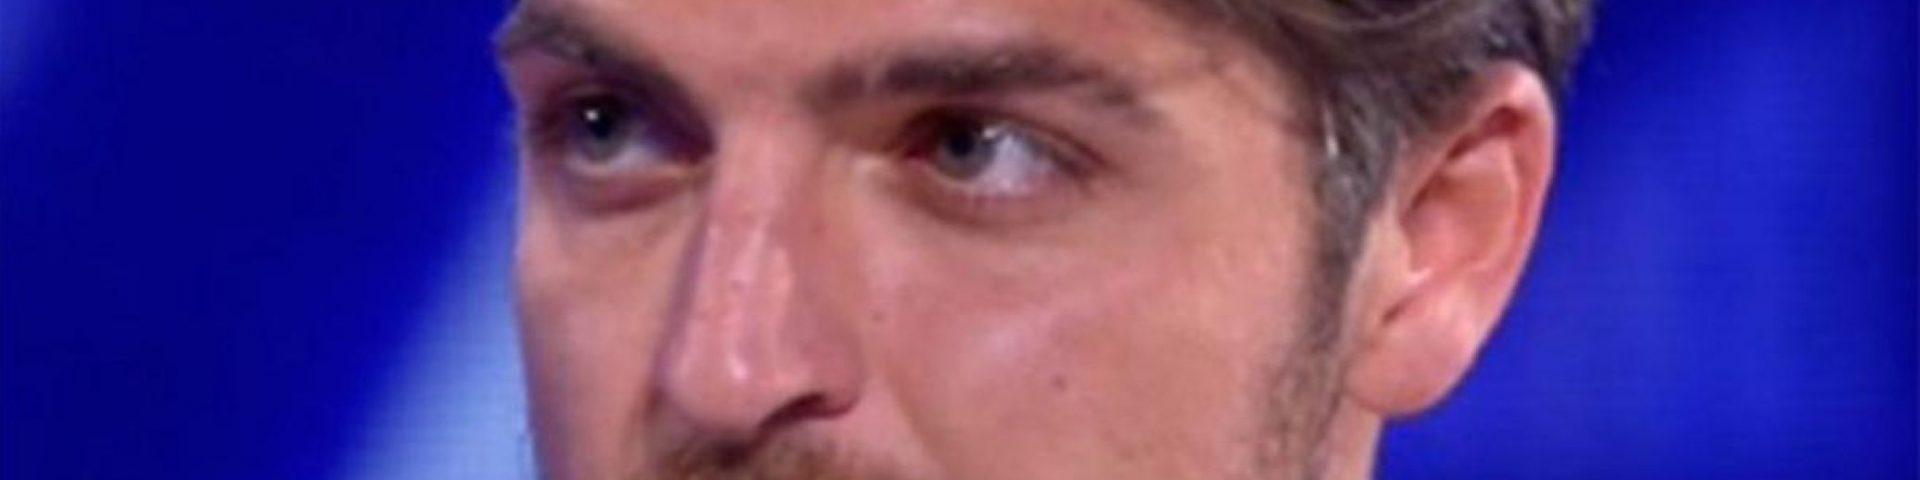 Luigi Favoloso: tutti i dettagli sulla misteriosa scomparsa